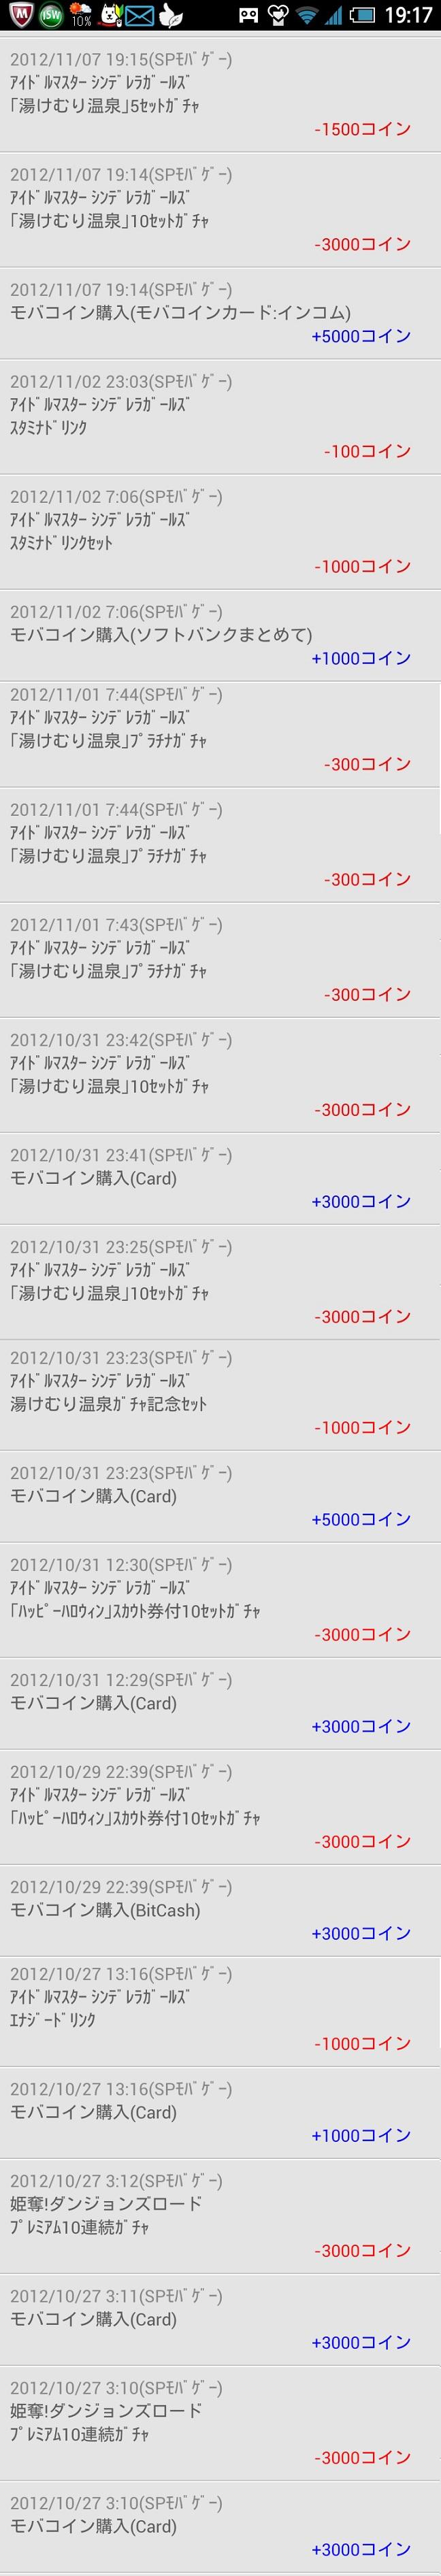 2012-12-29-19-17-22.jpg